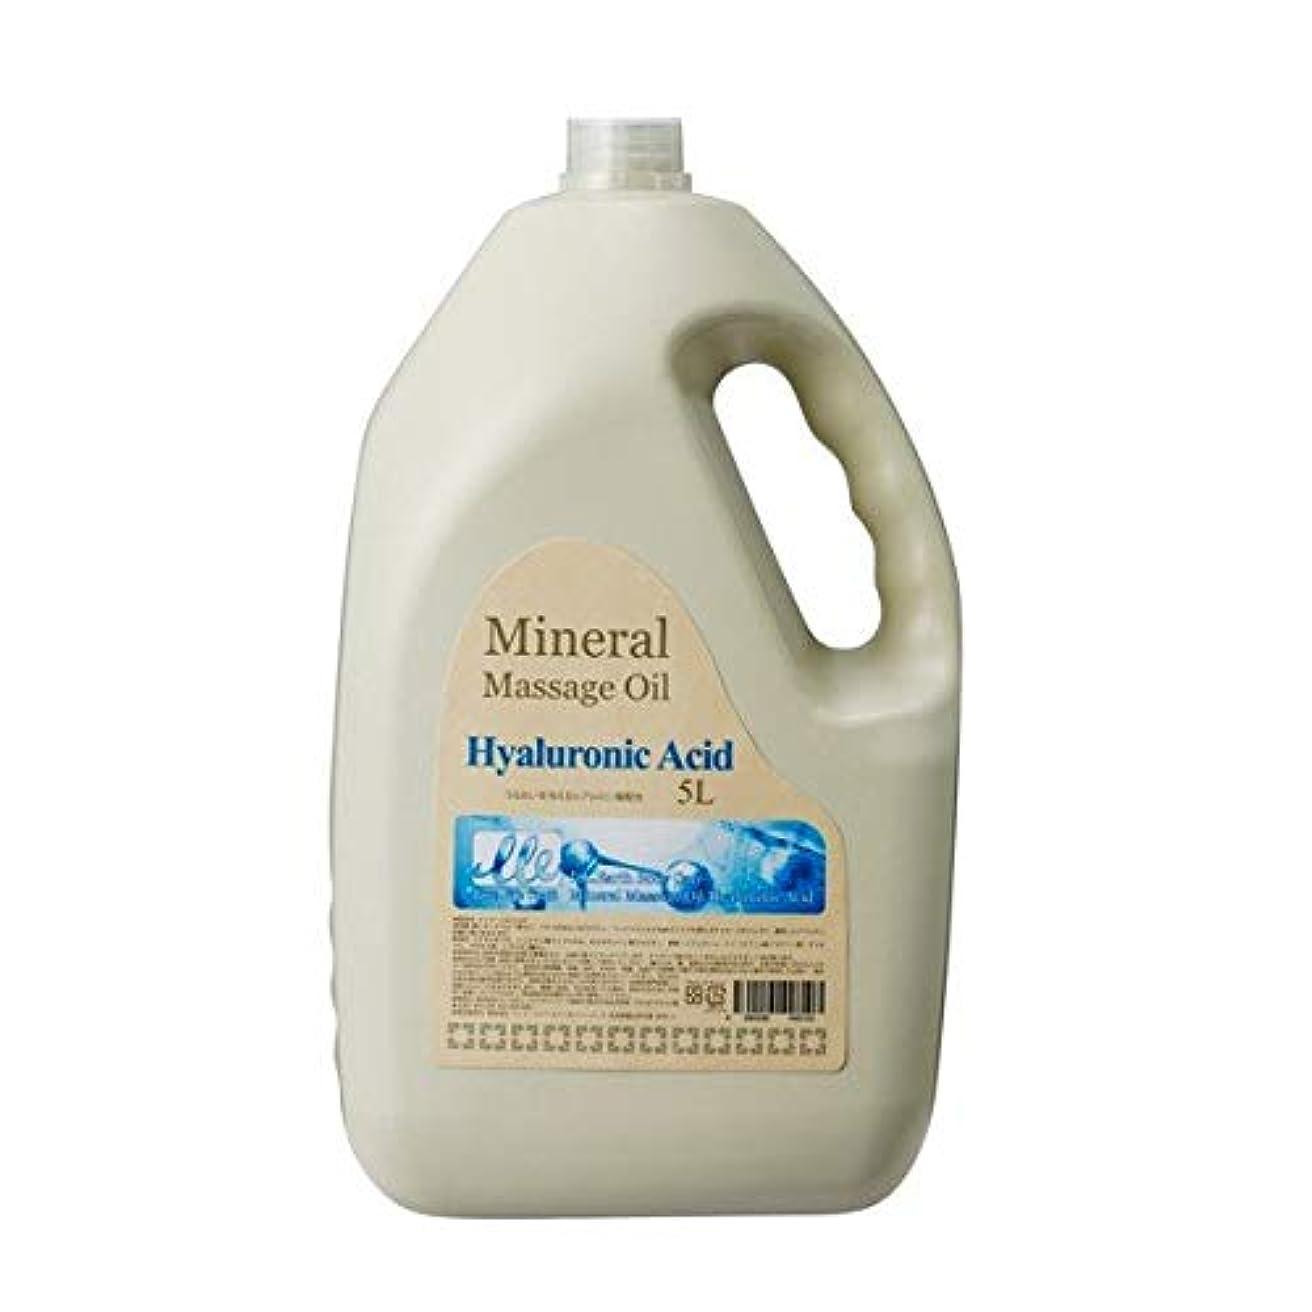 廃棄マイクガスLLE ミネラルマッサージオイル 業務用 ヒアルロン酸 大容量 5L マッサージオイル ボディオイル